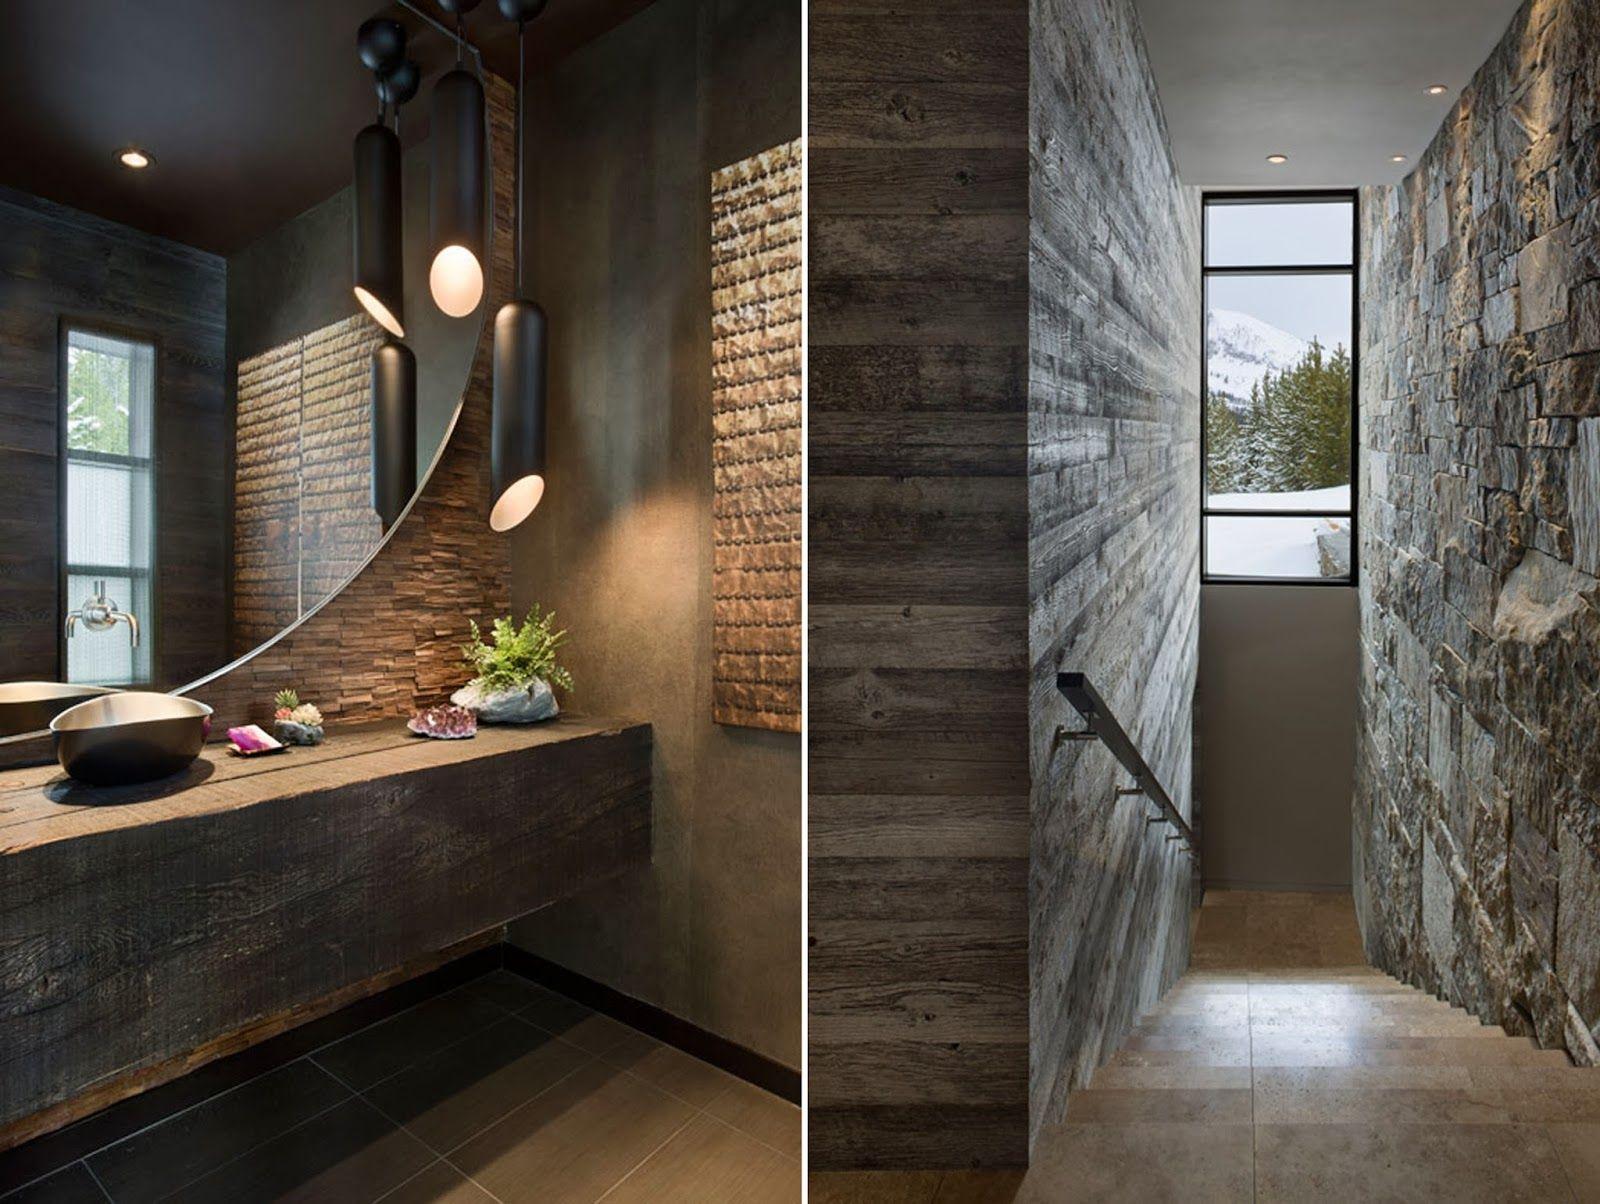 Haute Khuuture Interior Design Home Decor Decorating